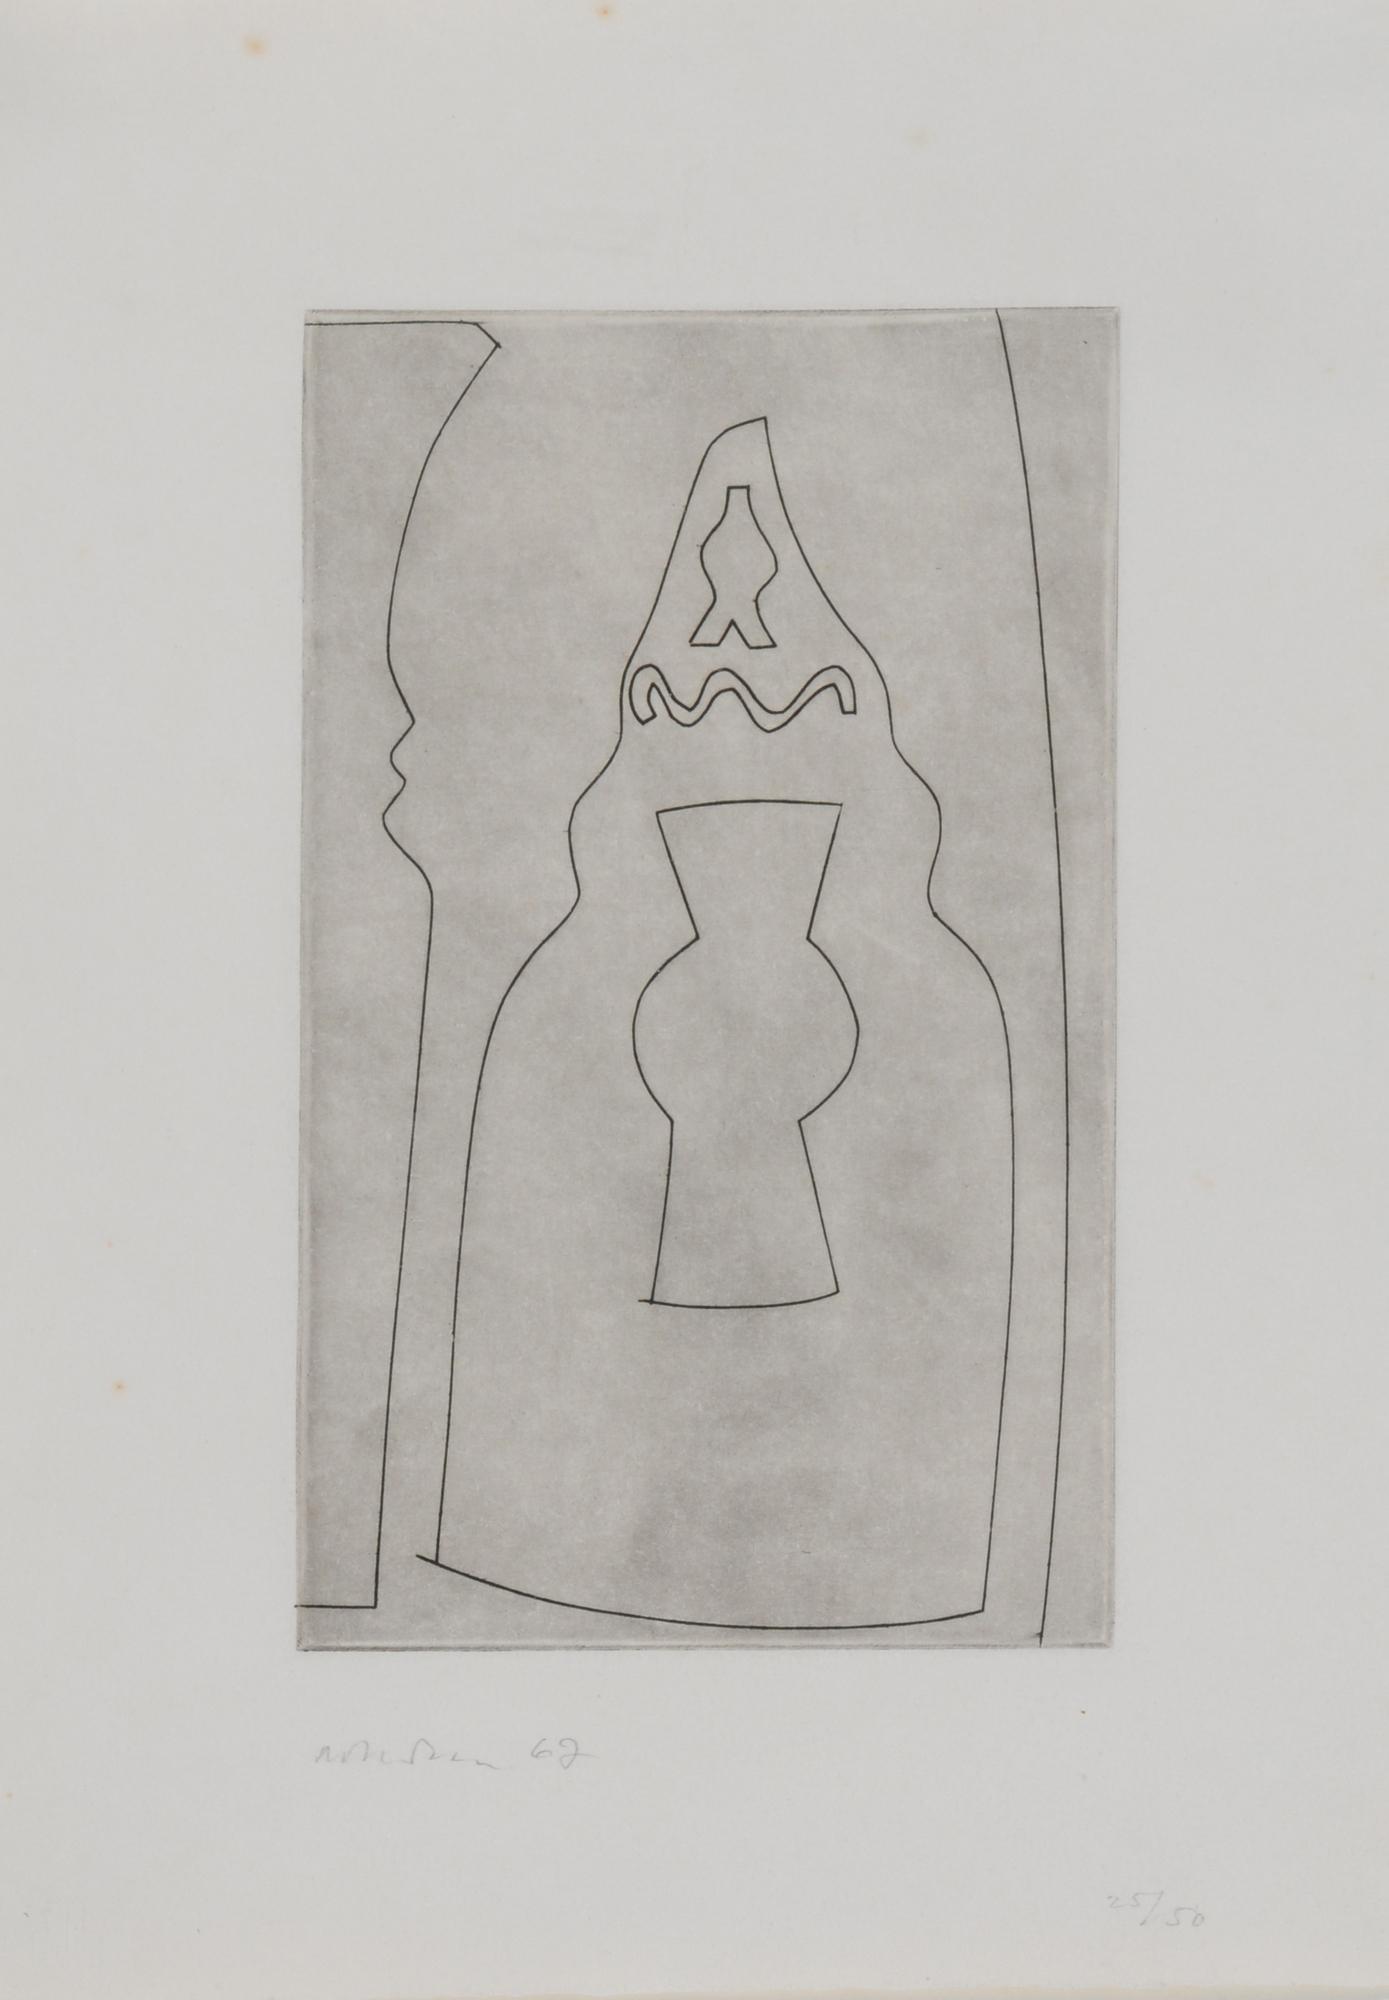 Nicholson Ben, Curled Turkish Forms